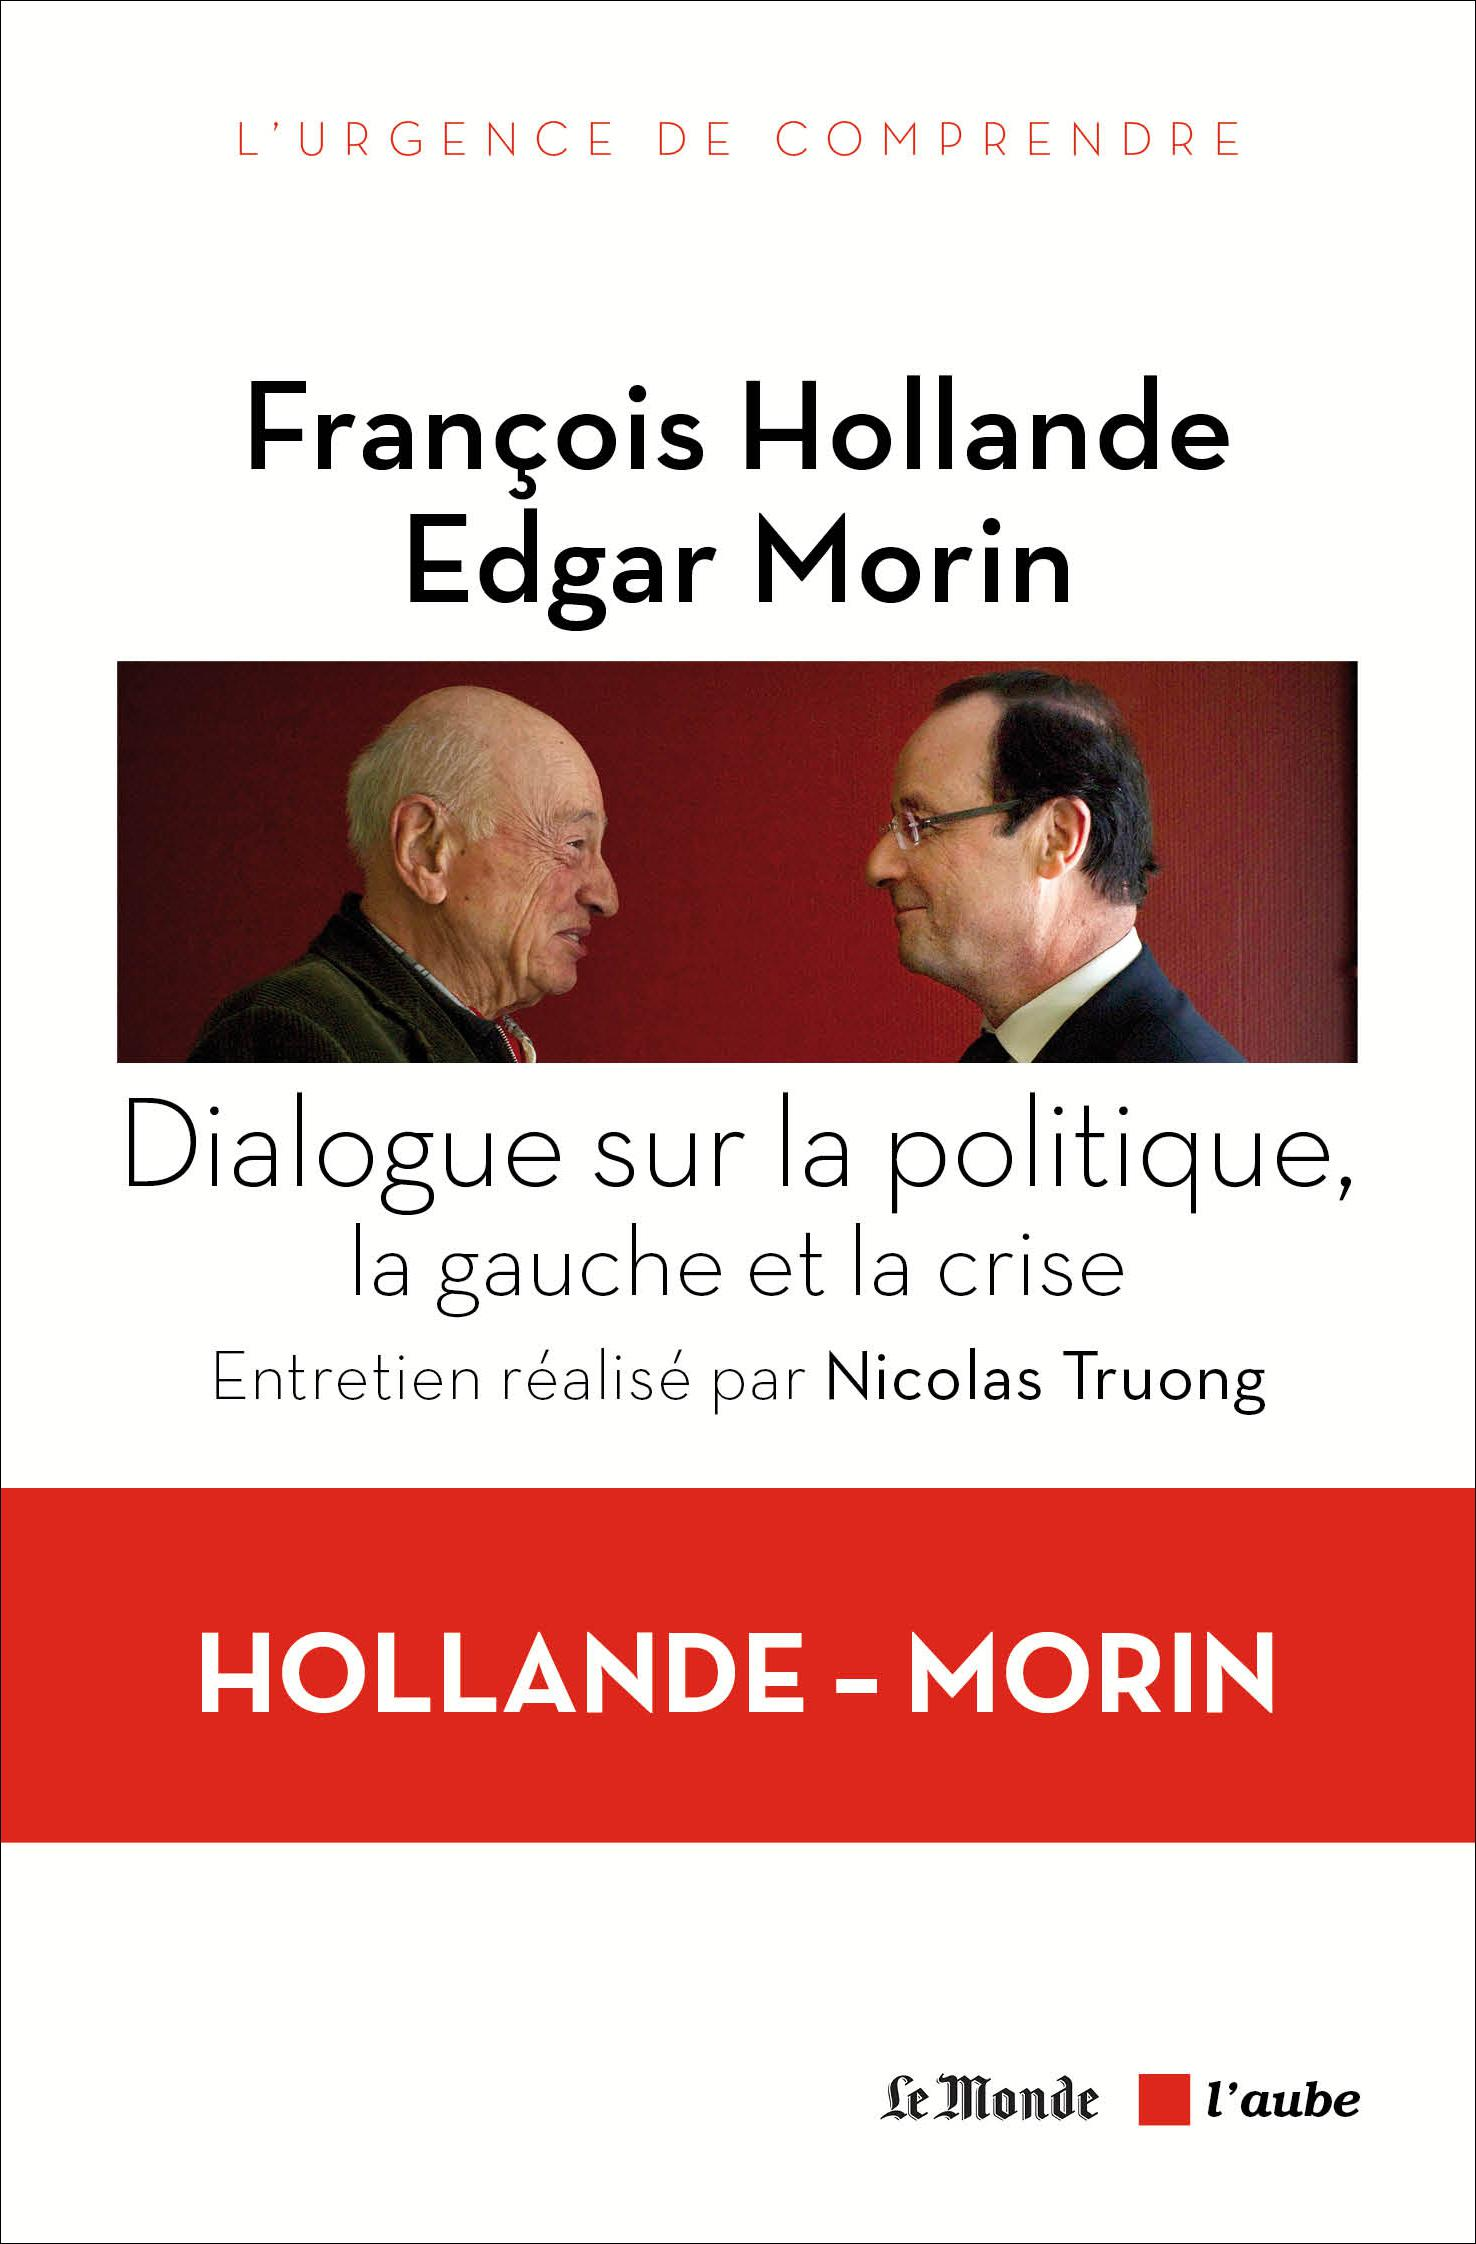 Dialogue sur la politique, ...